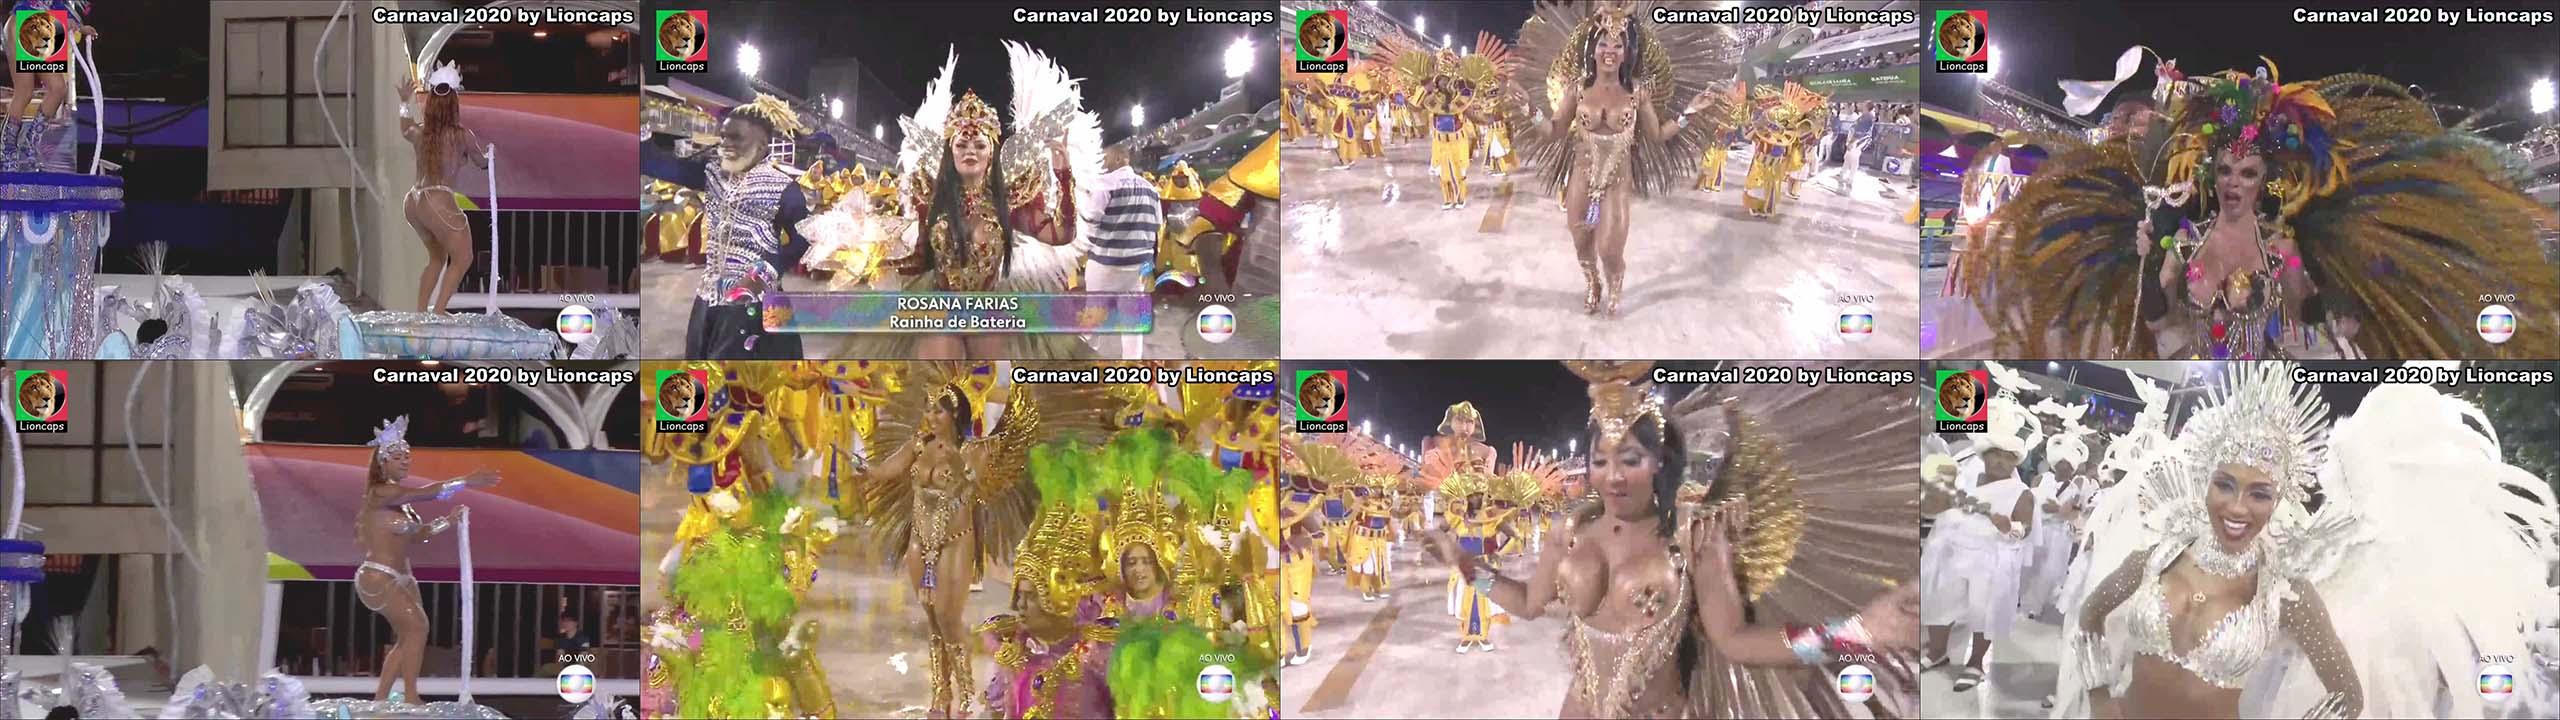 655003947_carnaval_2020_lioncaps_01_03_2020_02_122_336lo.jpg